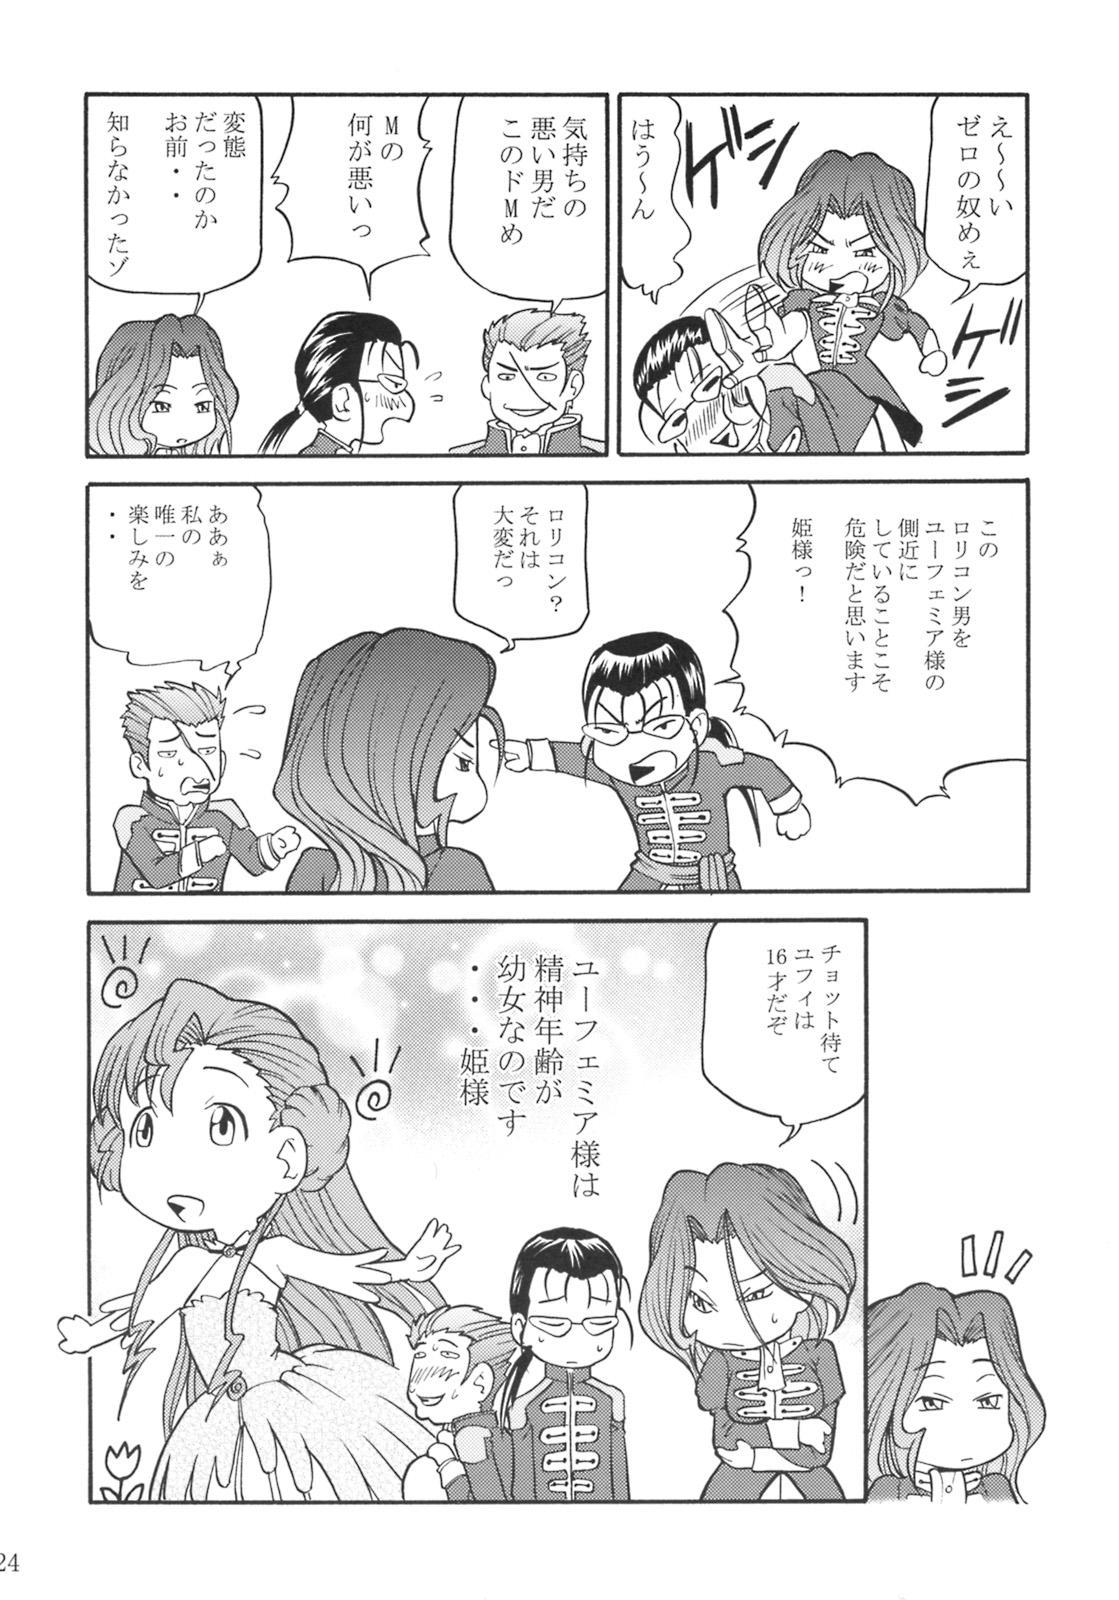 Kallen no Ryoujoku Nikki 22